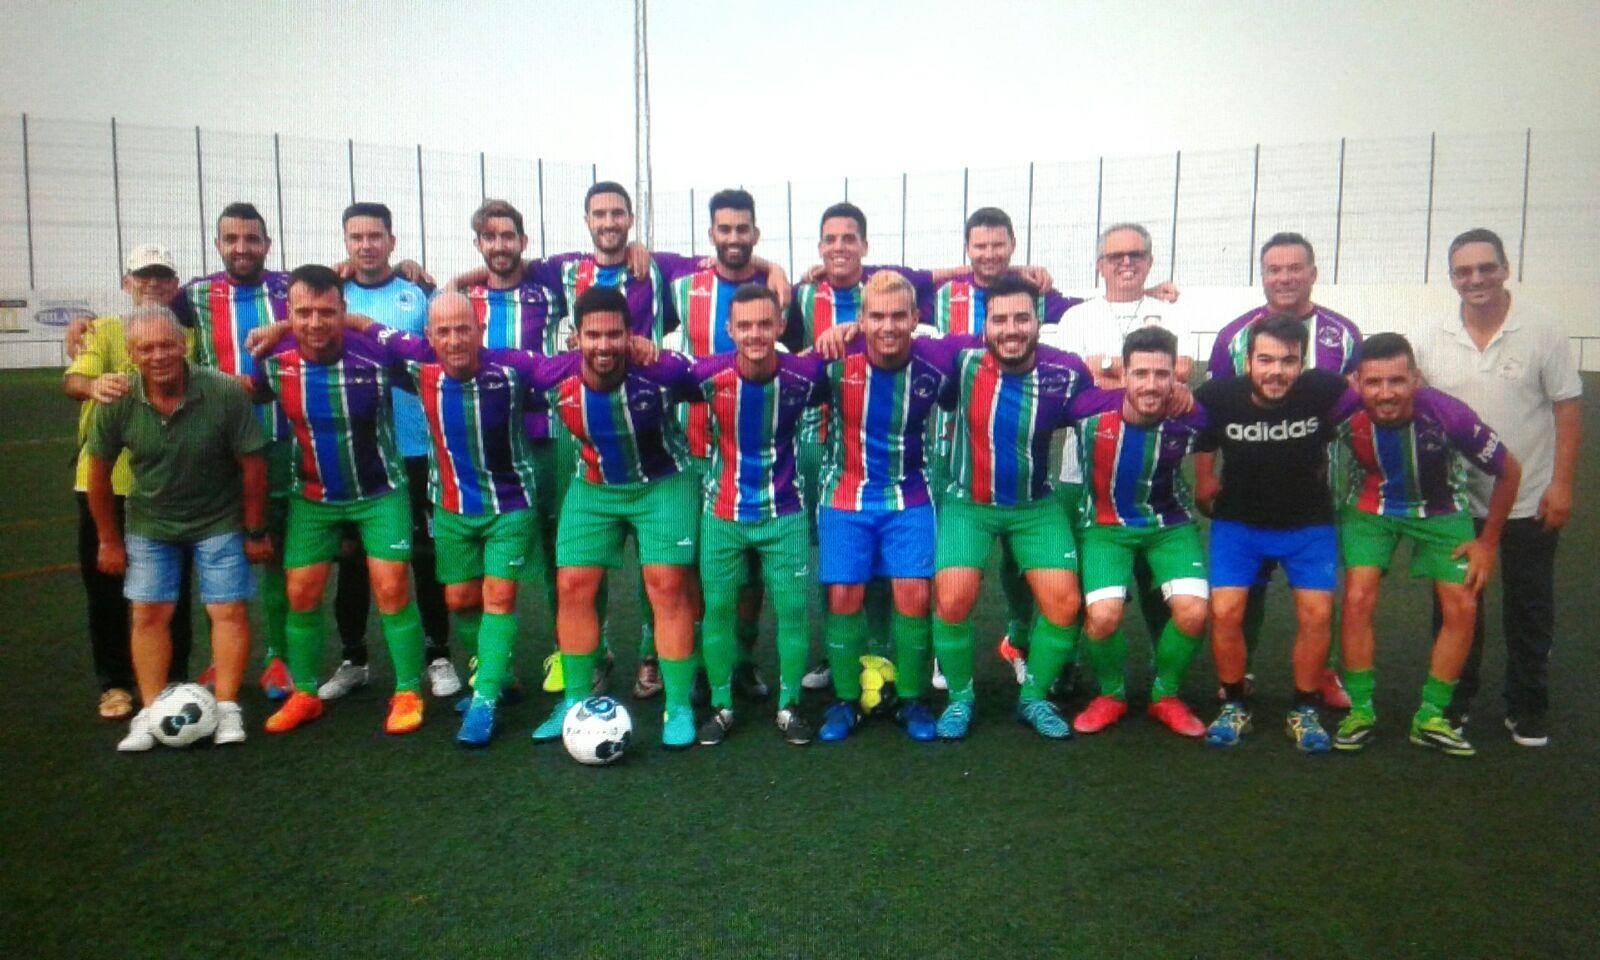 Las Medianías – Campeonato de fútbol aficionado en el norte de Tenerife c33bd71ec46b1